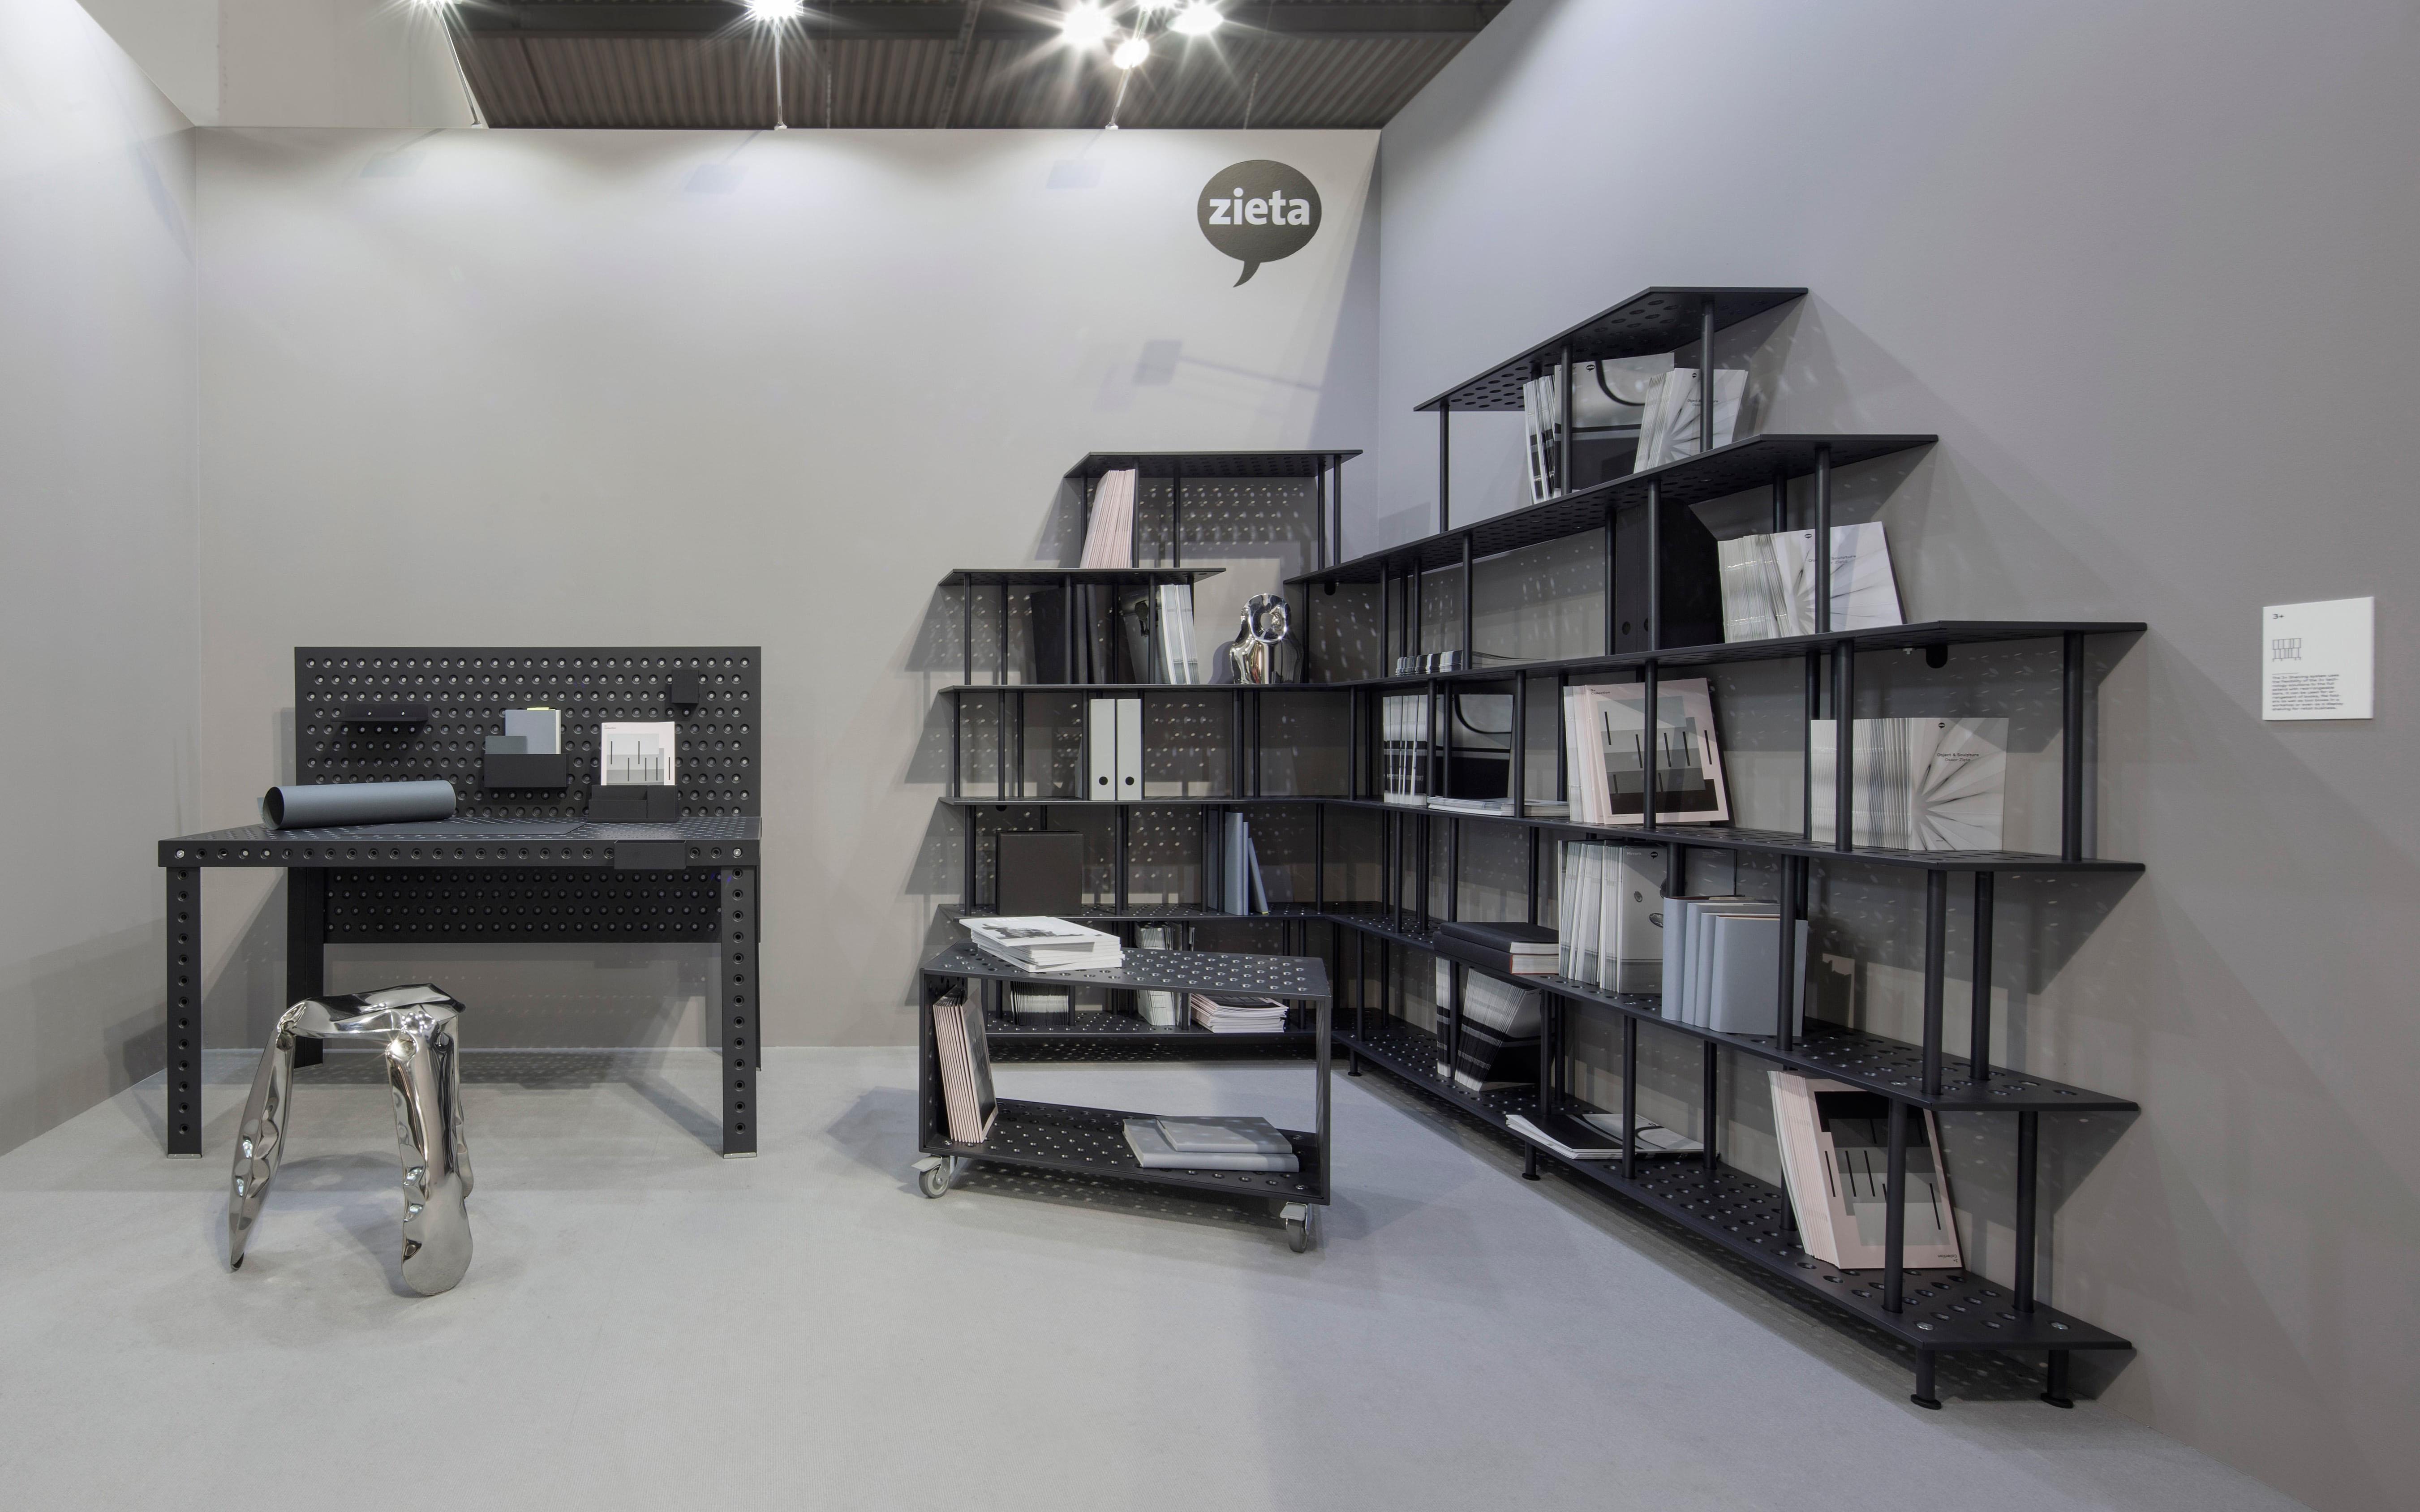 Milan Design Week 2017 - ZIETA